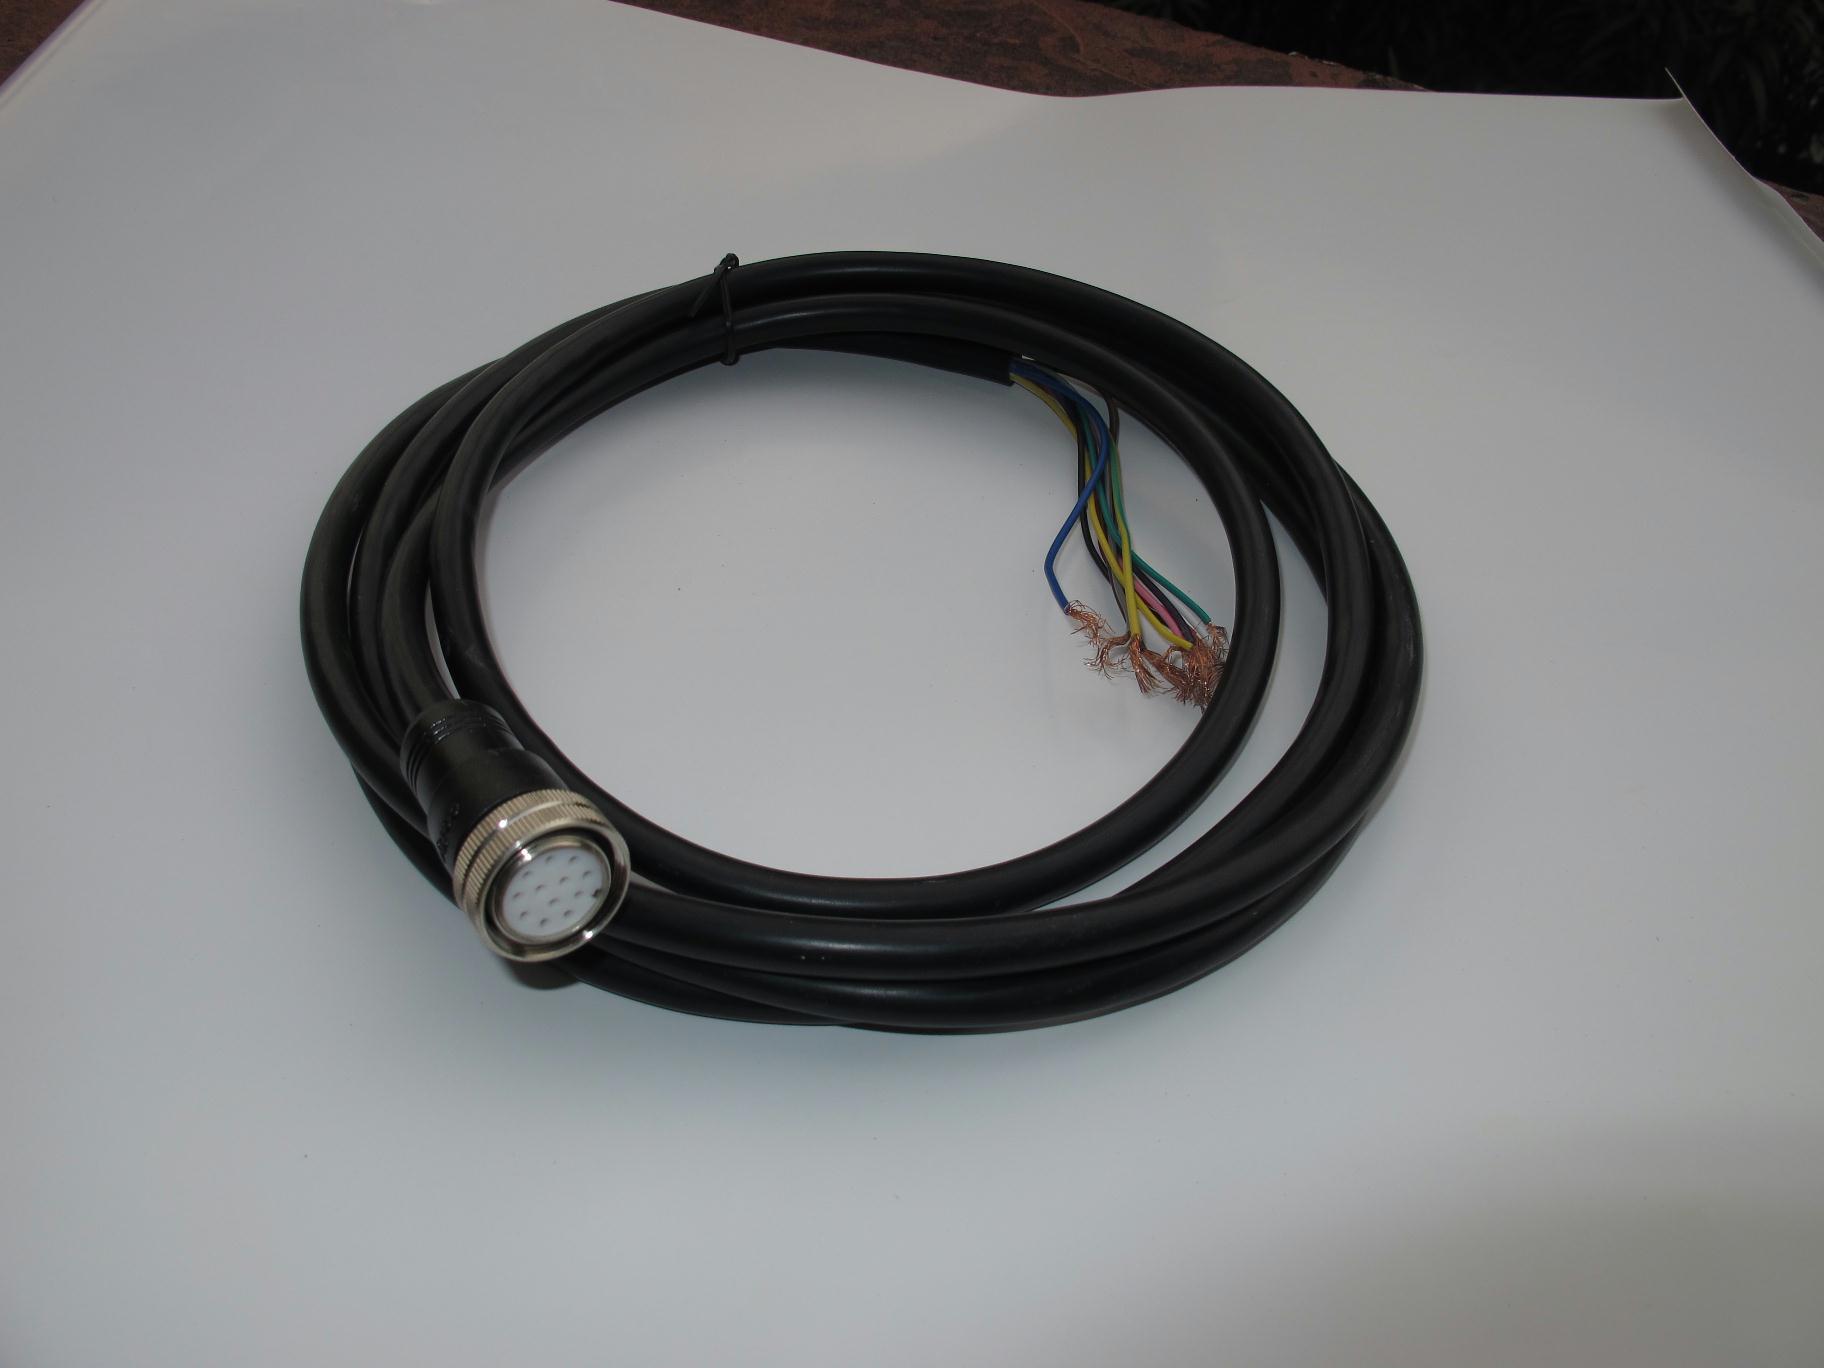 M23连接器